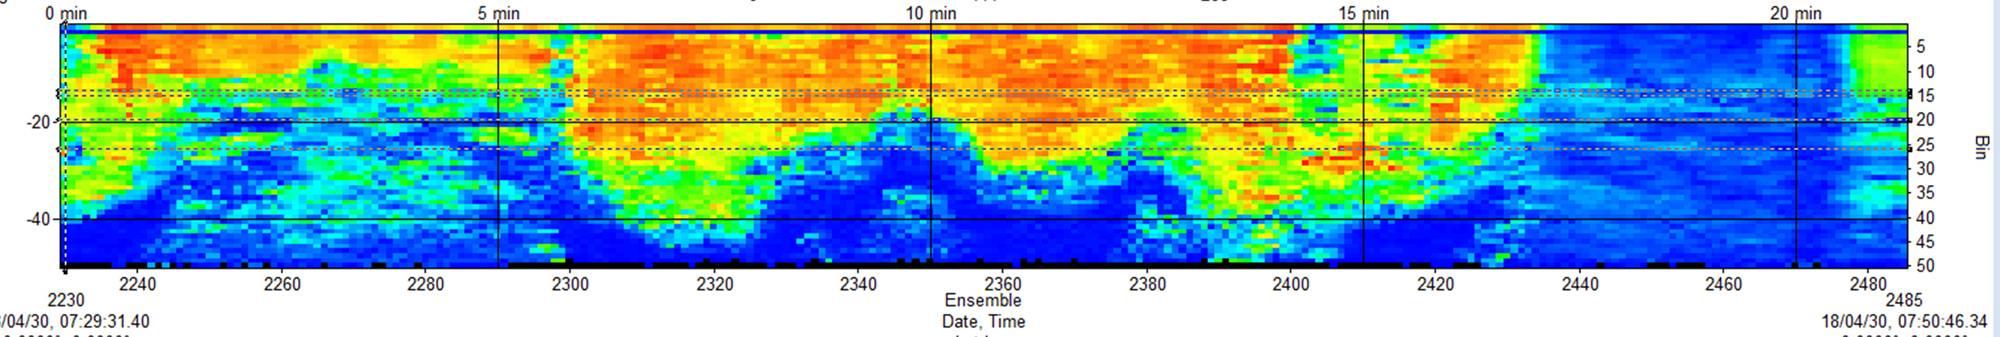 Islay Sound ADCPデータ。 MarynSolの画像